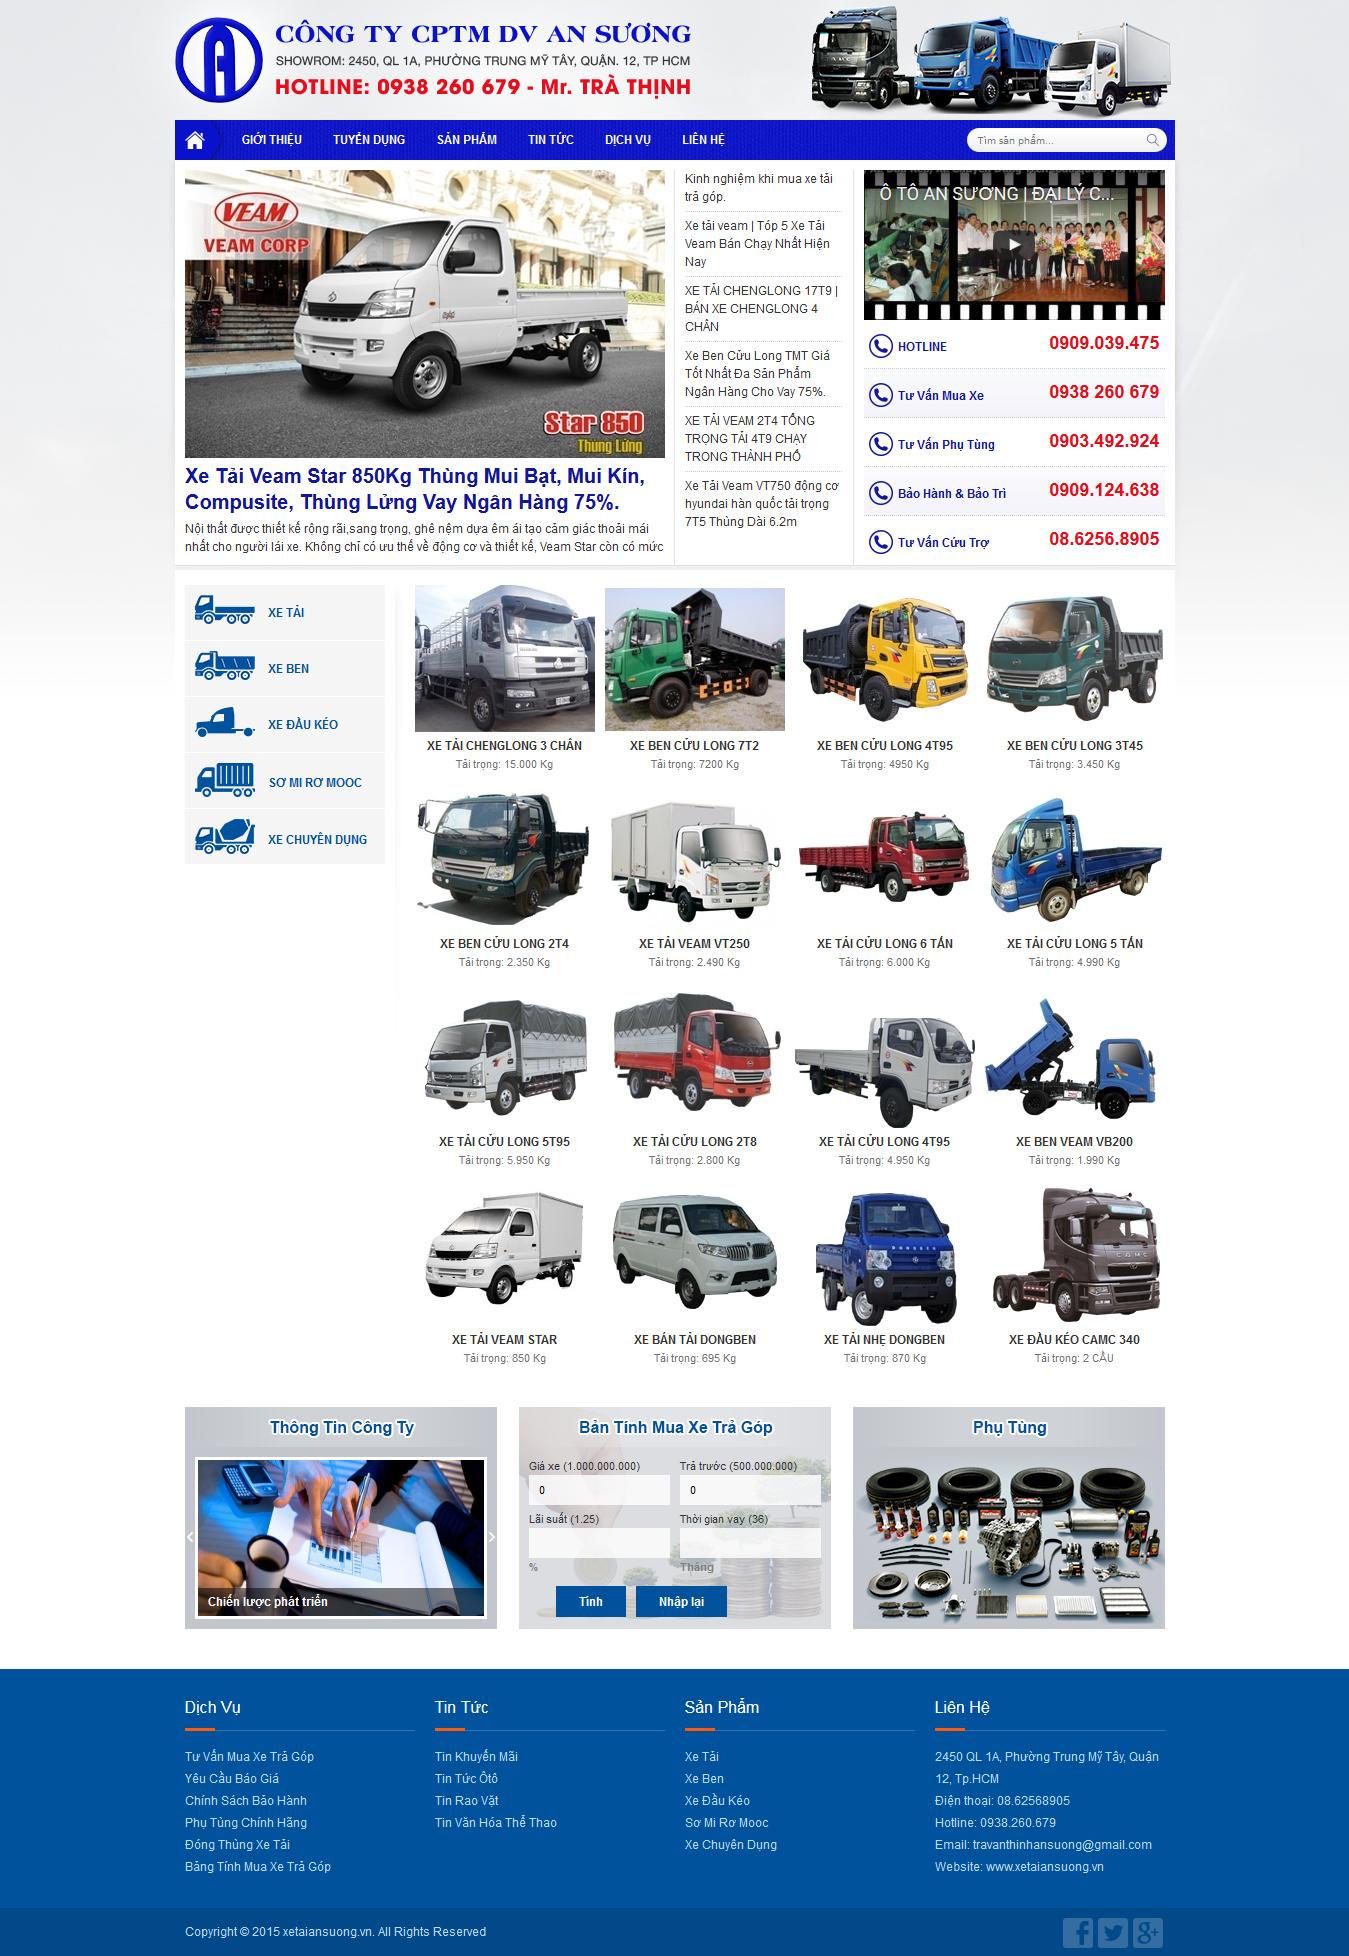 Thiết kế website mua bán ôtô xetaiansuong.vn